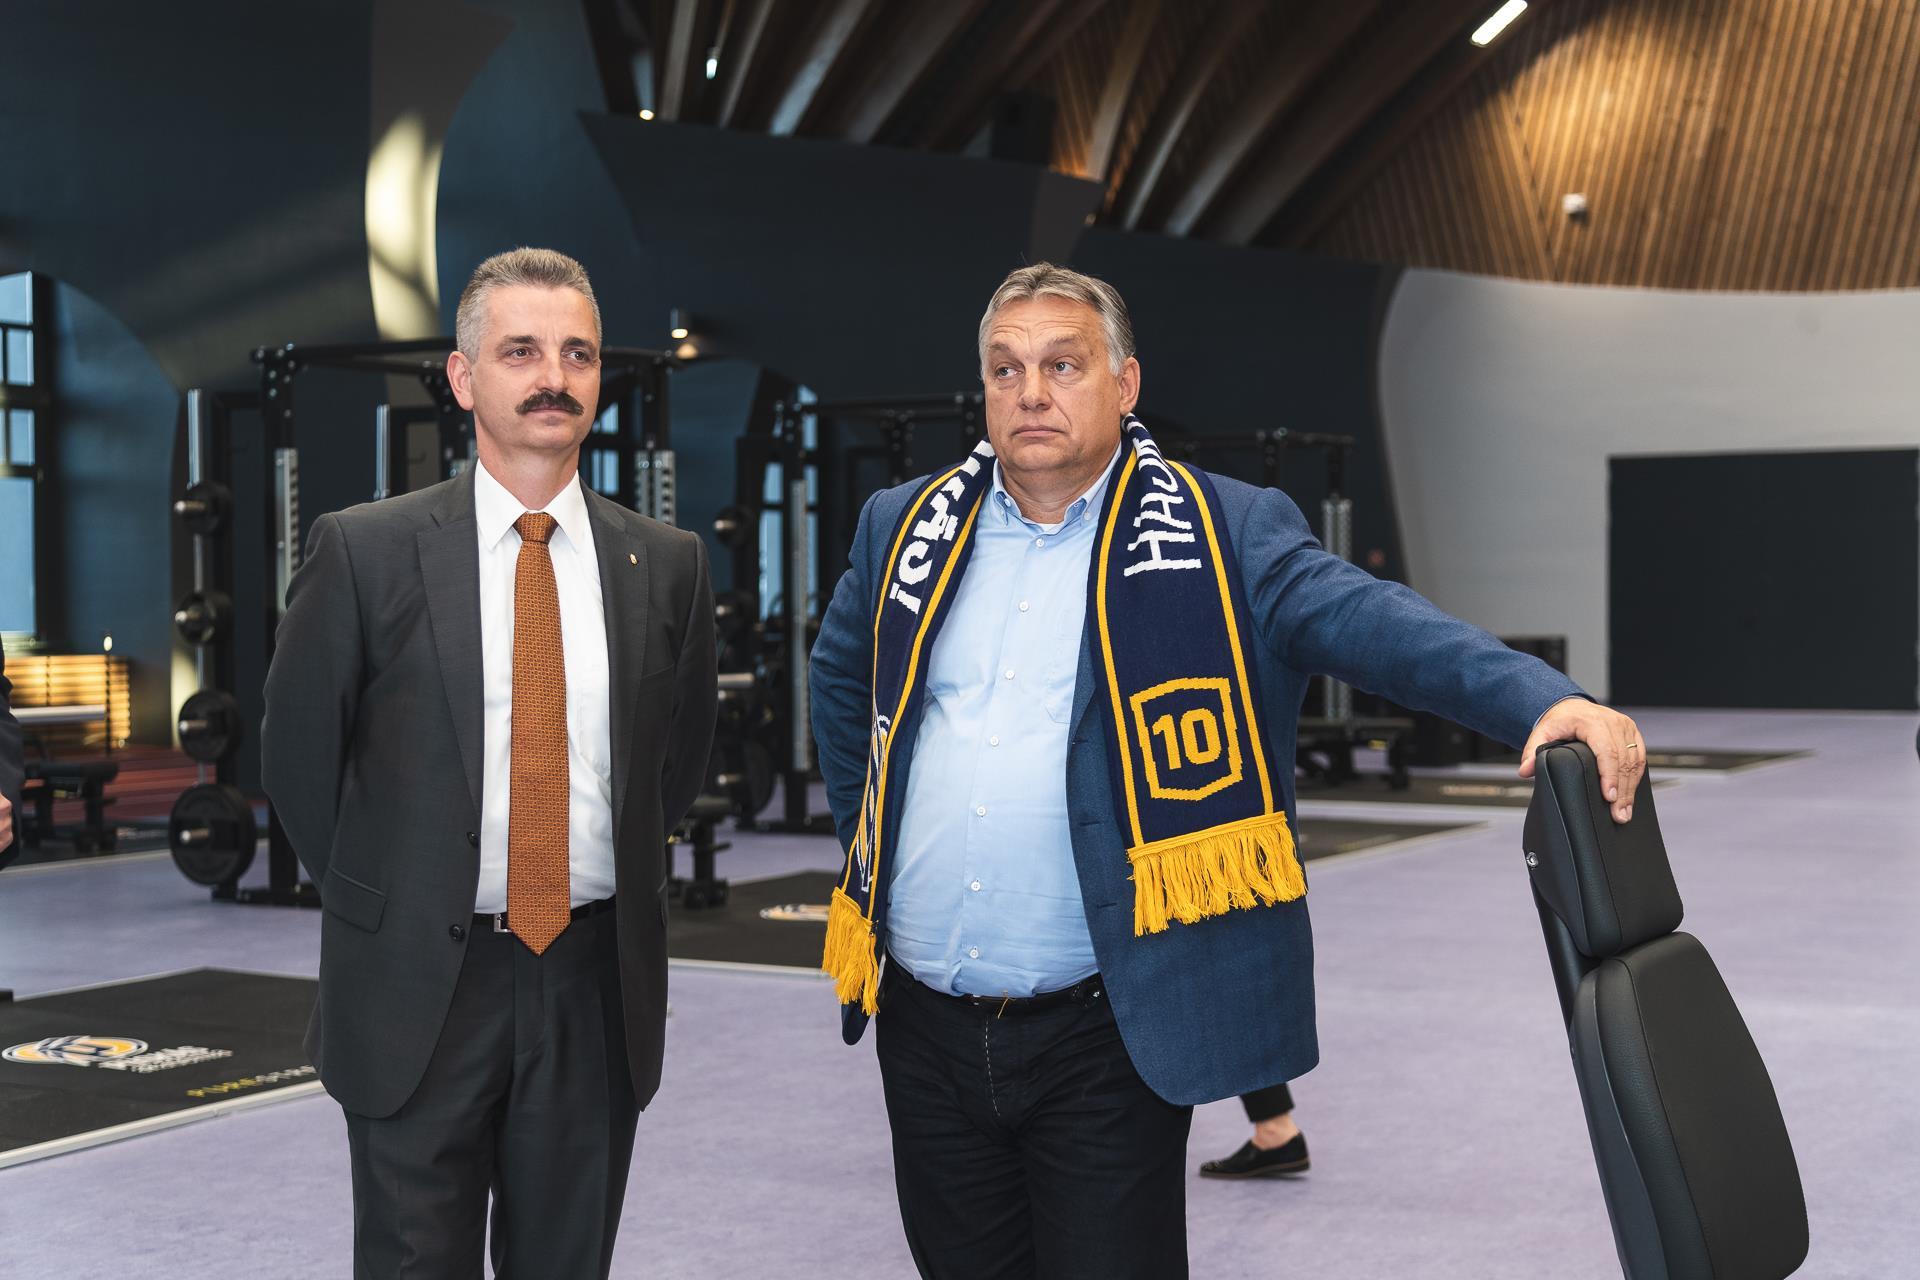 Mától a Pannónia Szívéért felelős miniszterelnöki biztosa is van az országnak